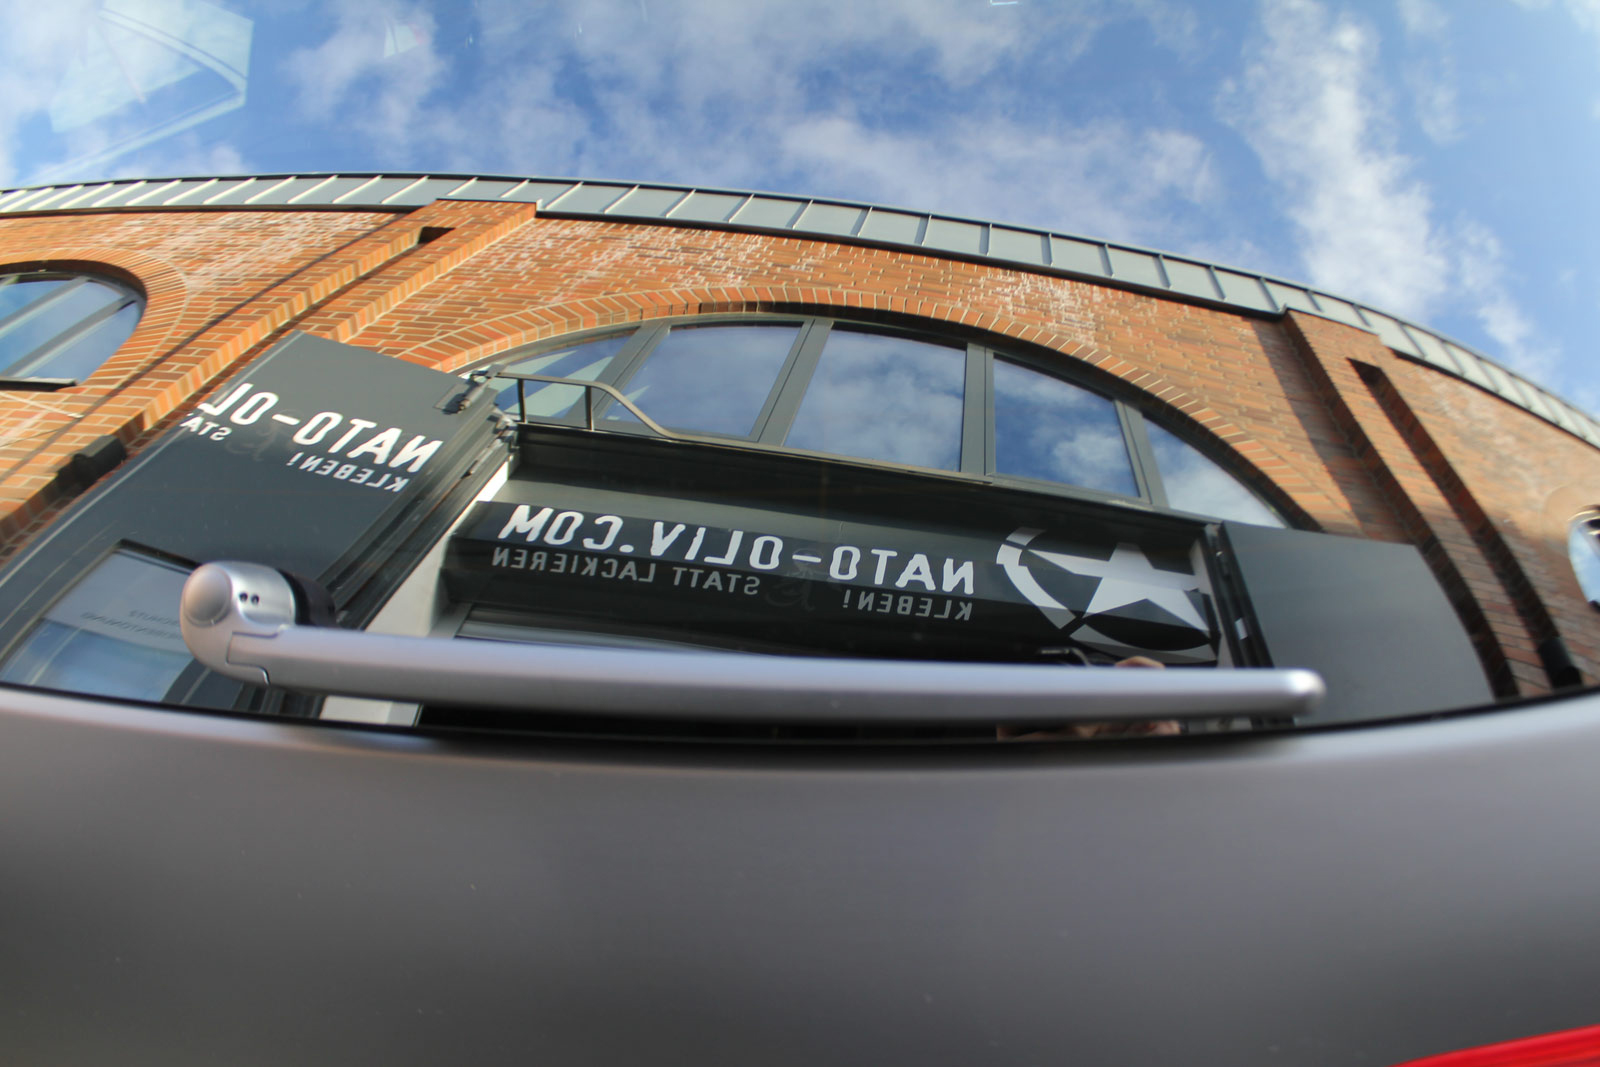 Audi_Q7_Folienbeklebung_Schwarz_Ultramatt_11